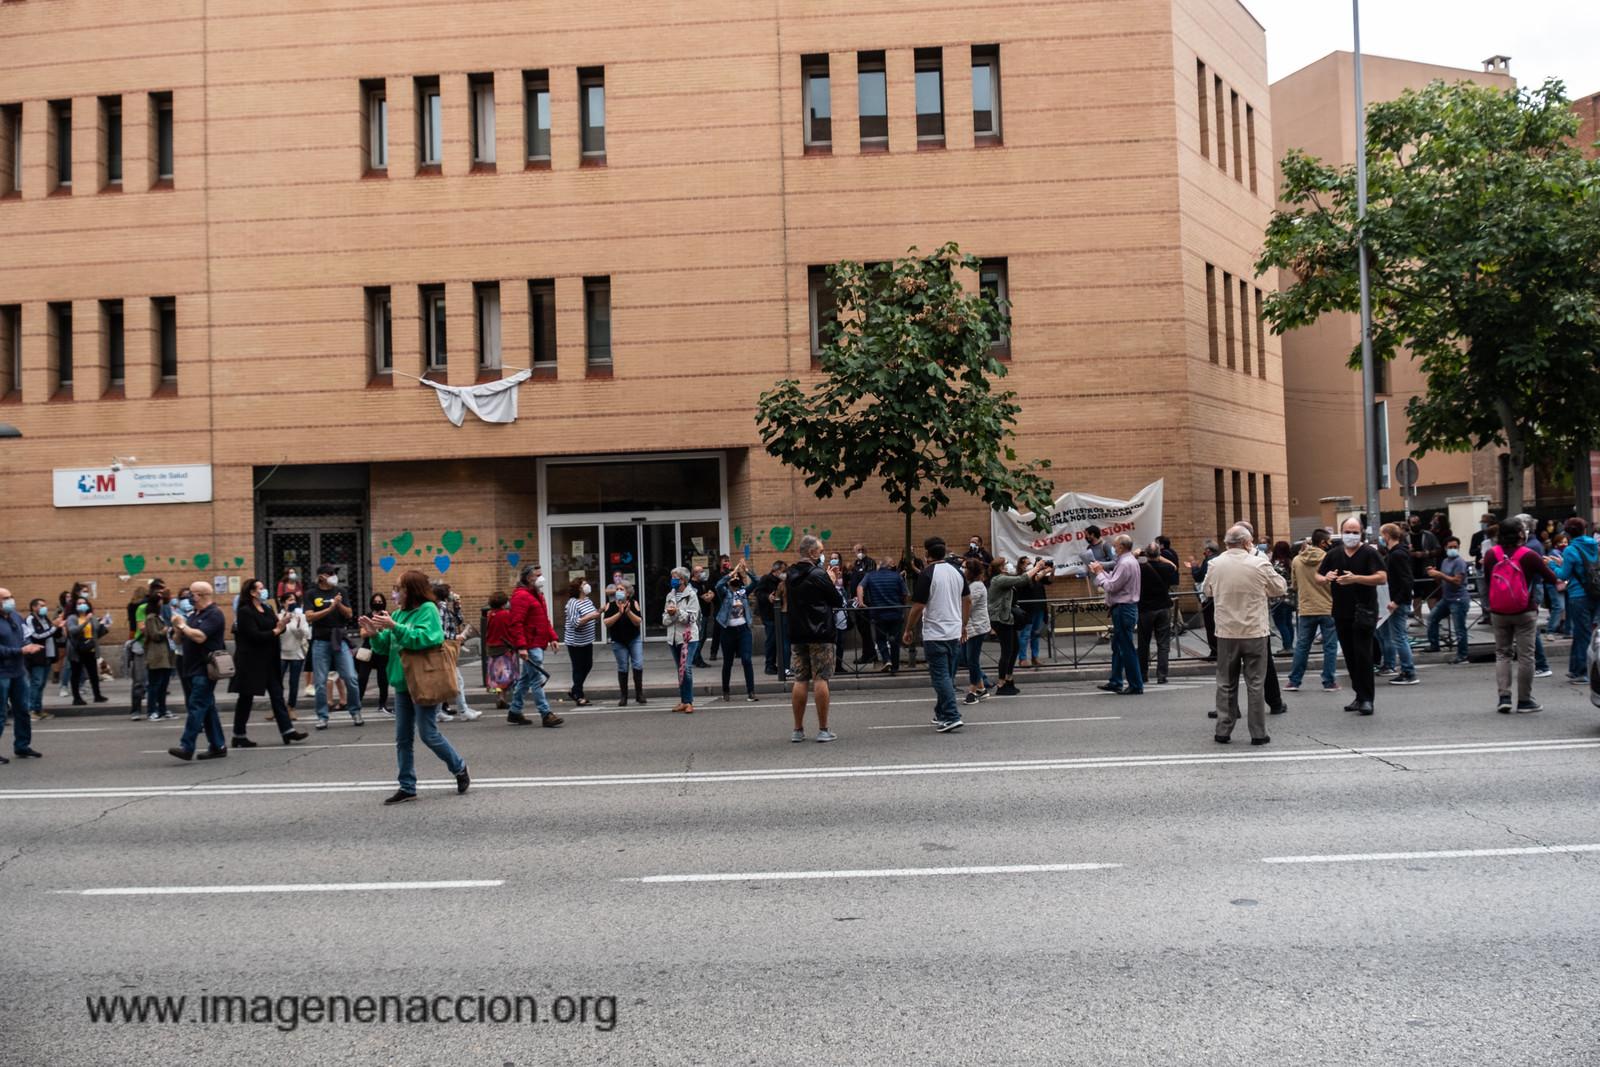 Imagen en Accion Marcha Protesta Confinamiento